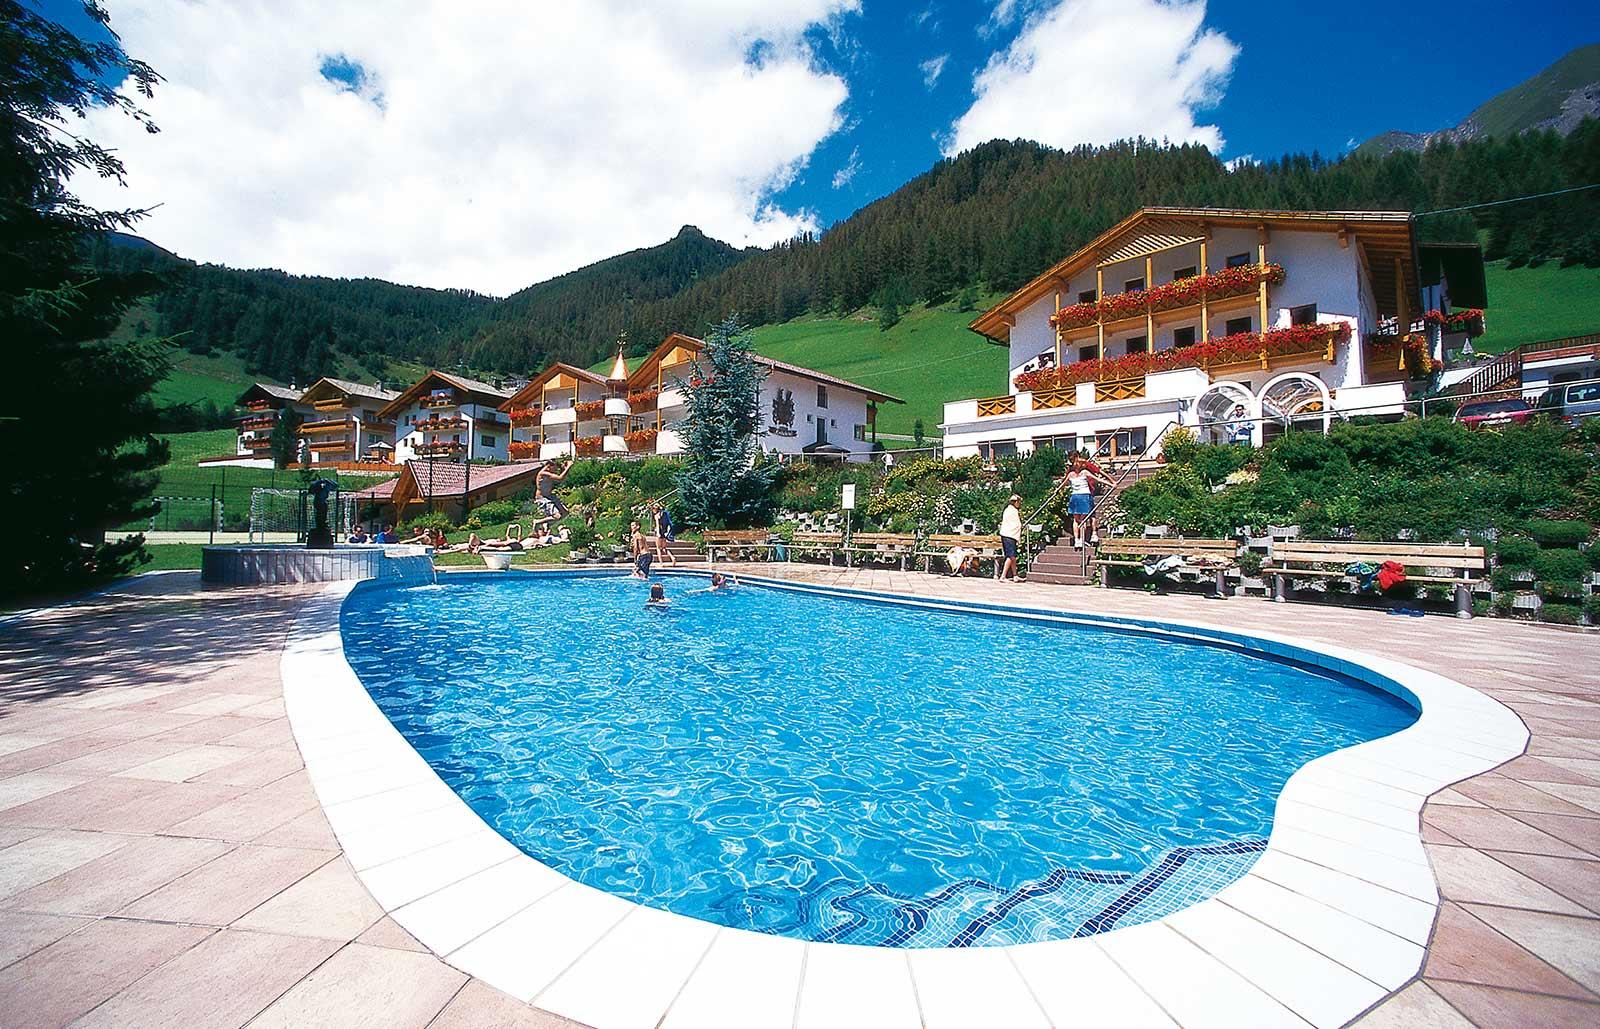 Hotel in valle aurina con piscina - Hotel a pejo con piscina ...